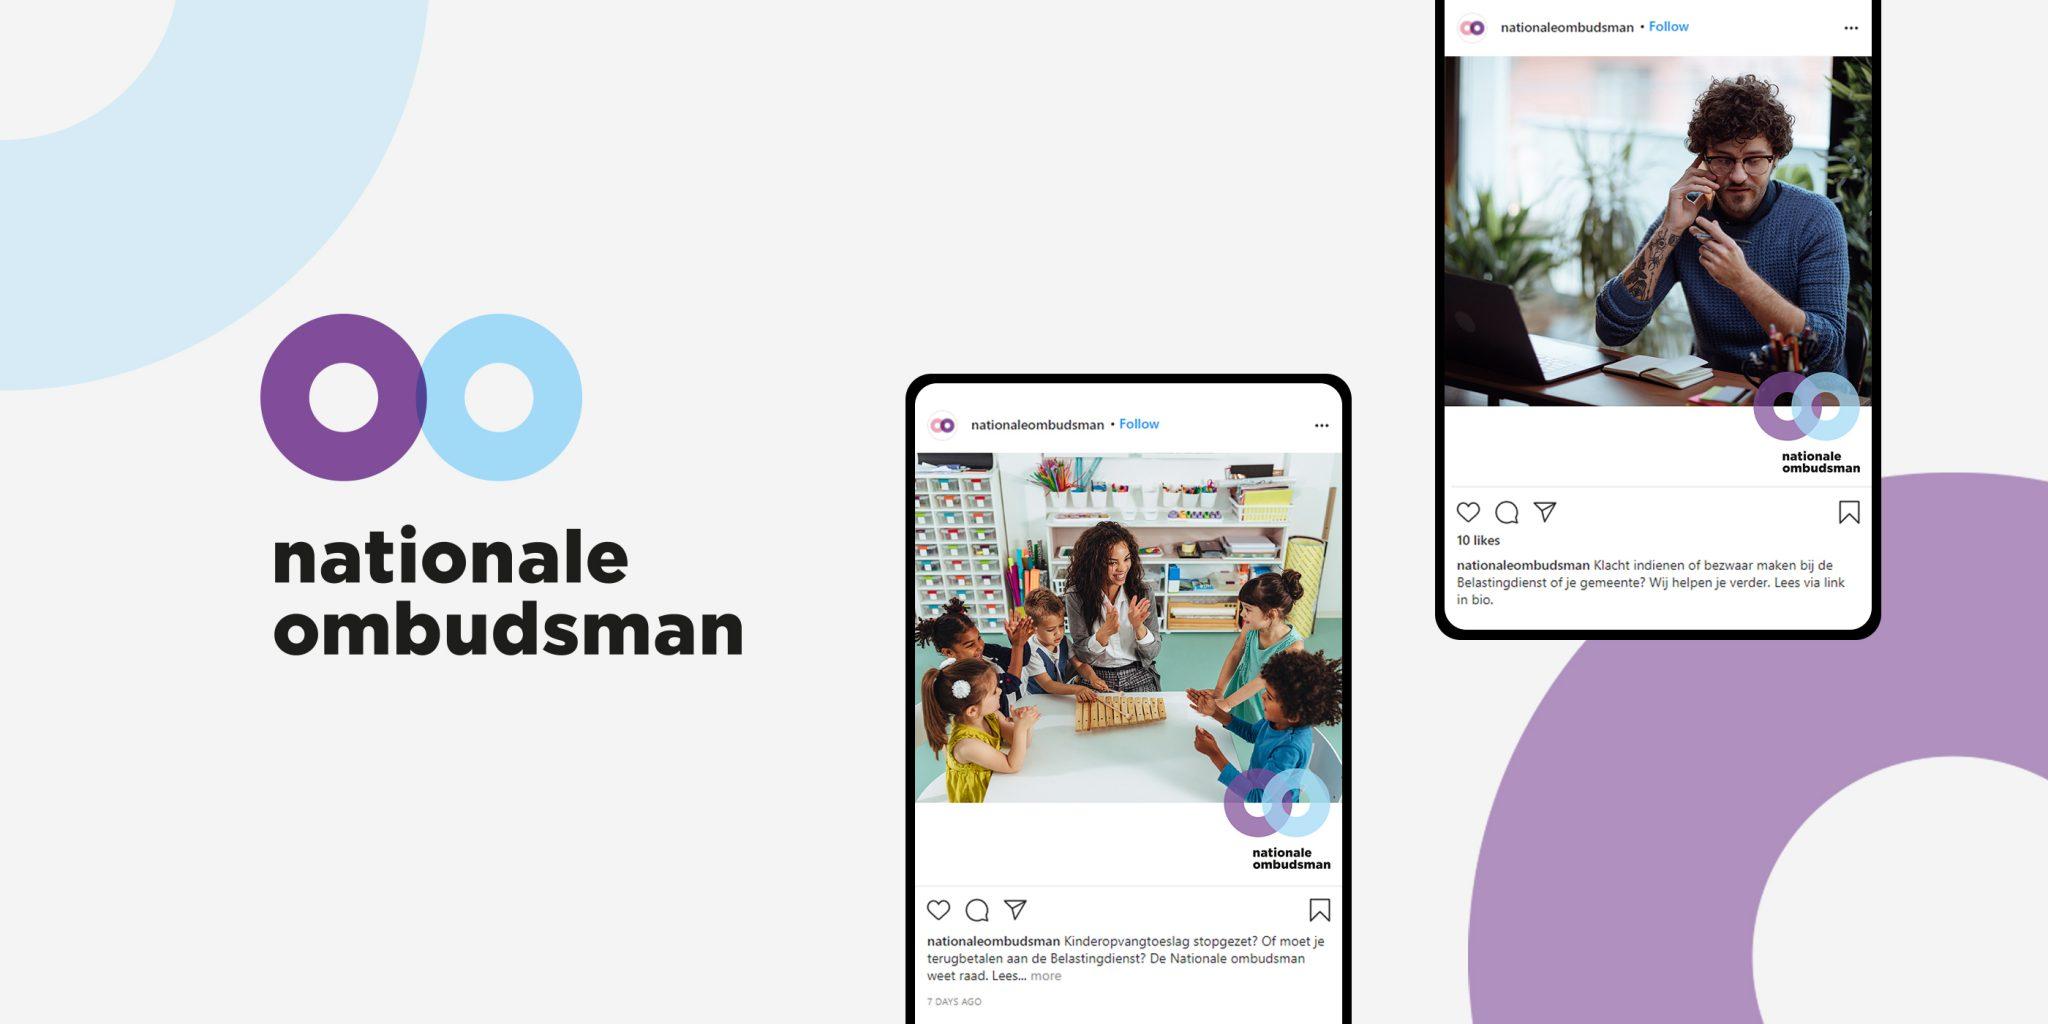 Met meer bekendheid helpen we meer burgers - Social media